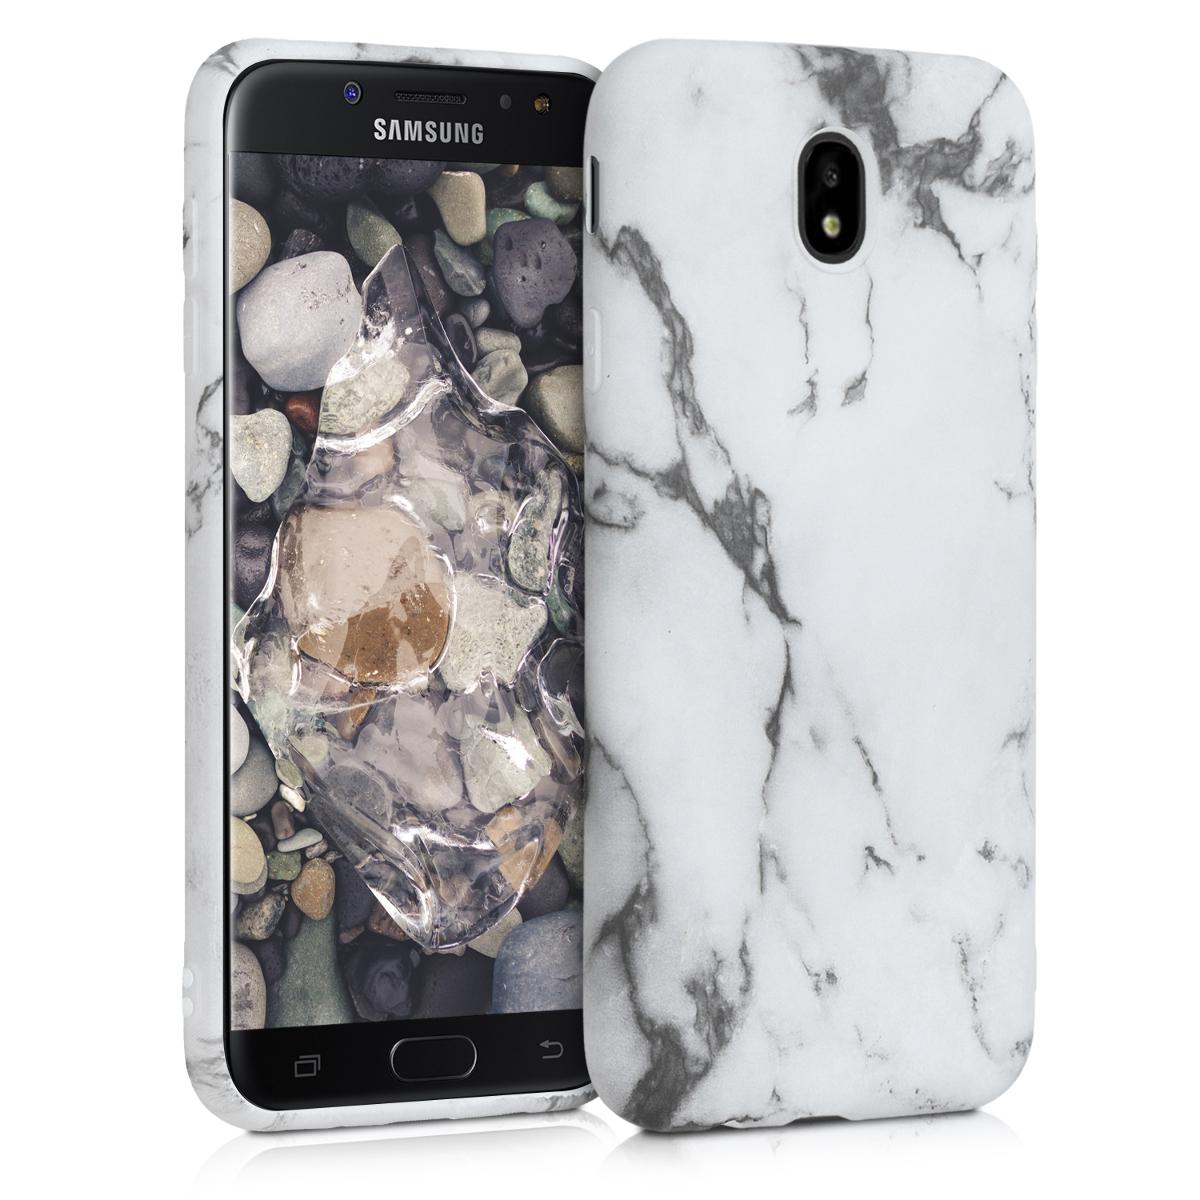 Kvalitní silikonové TPU pouzdro pro Samsung J7 (2017) DUOS - Marble bílé / černé